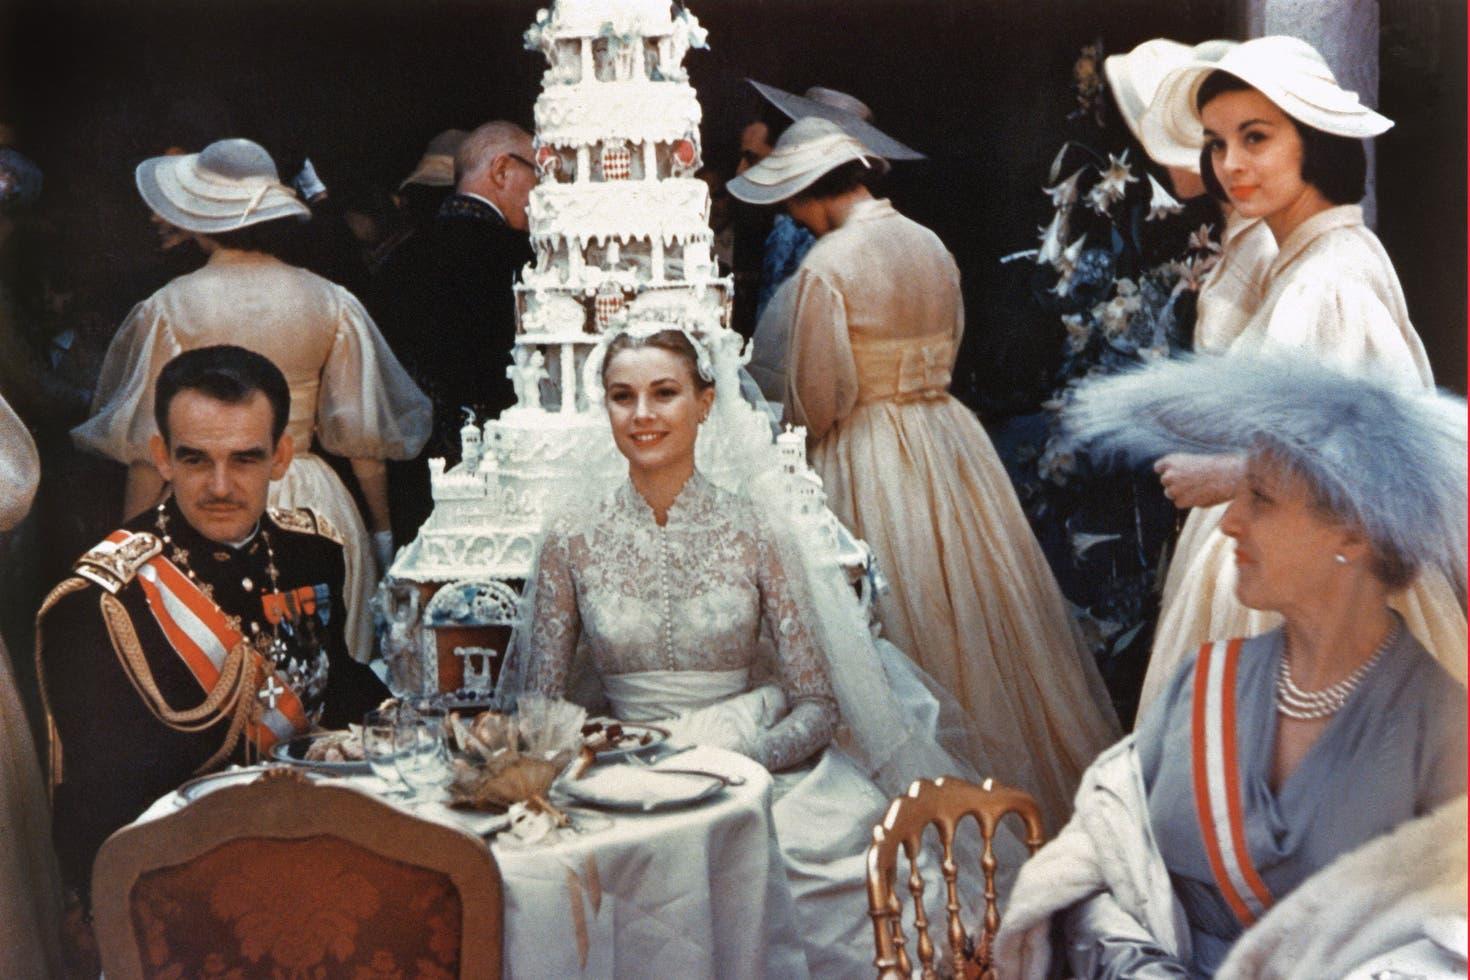 35e0905da El álbum familiar de la boda de Rainiero de Mónaco y Grace Kelly ...